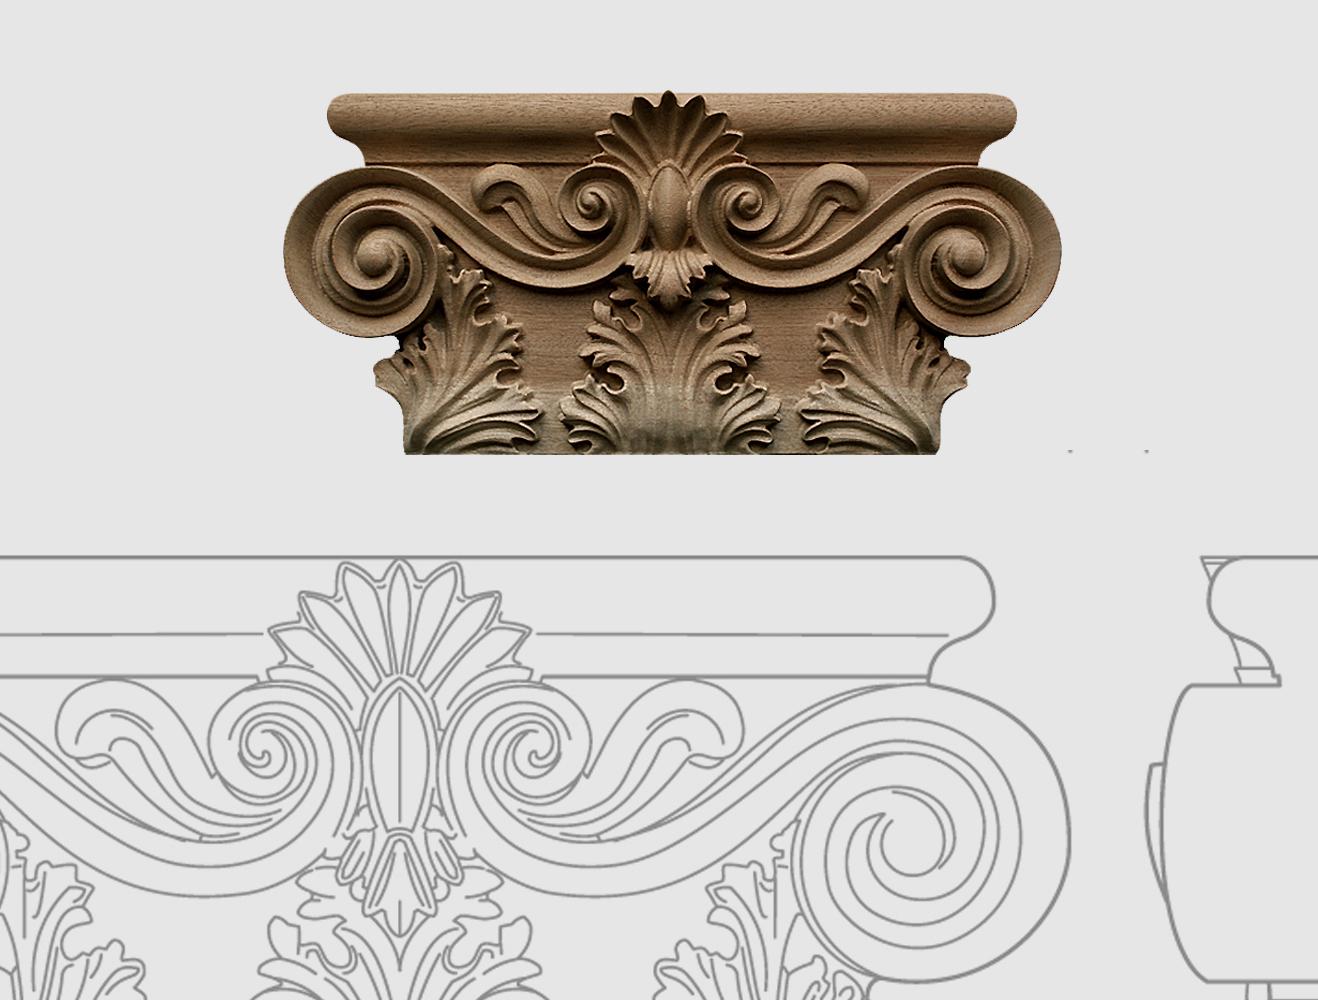 Nous réalisons, sur commande, des chapiteaux sur la base d'ornements originaux, de photos ou de dessins. Des chapiteaux et corbeaux de bois sculptés.